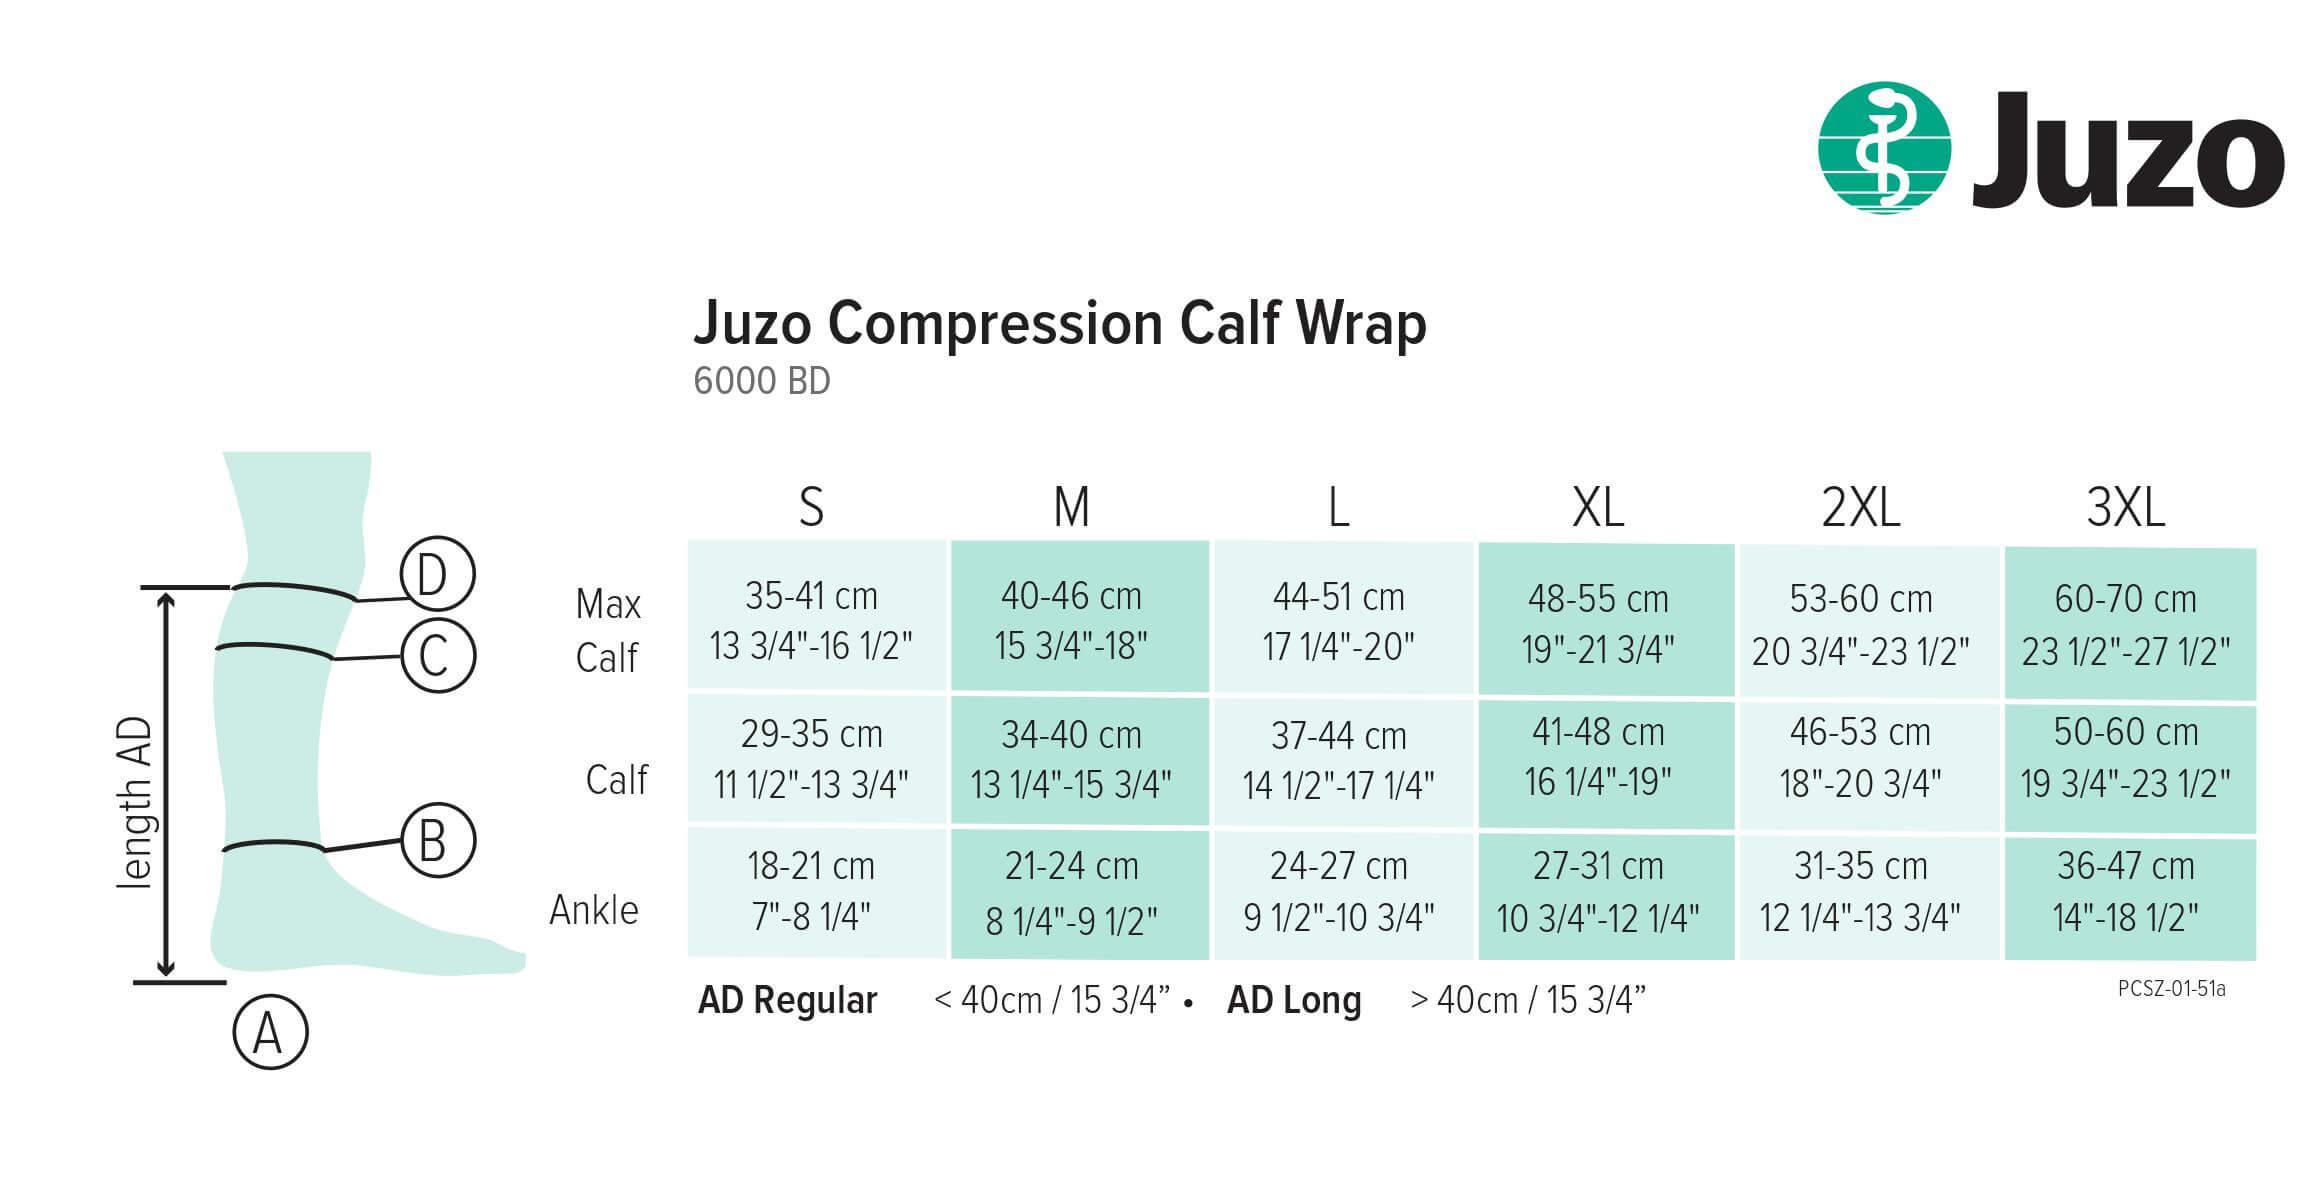 juzo calf wrap sizing chart